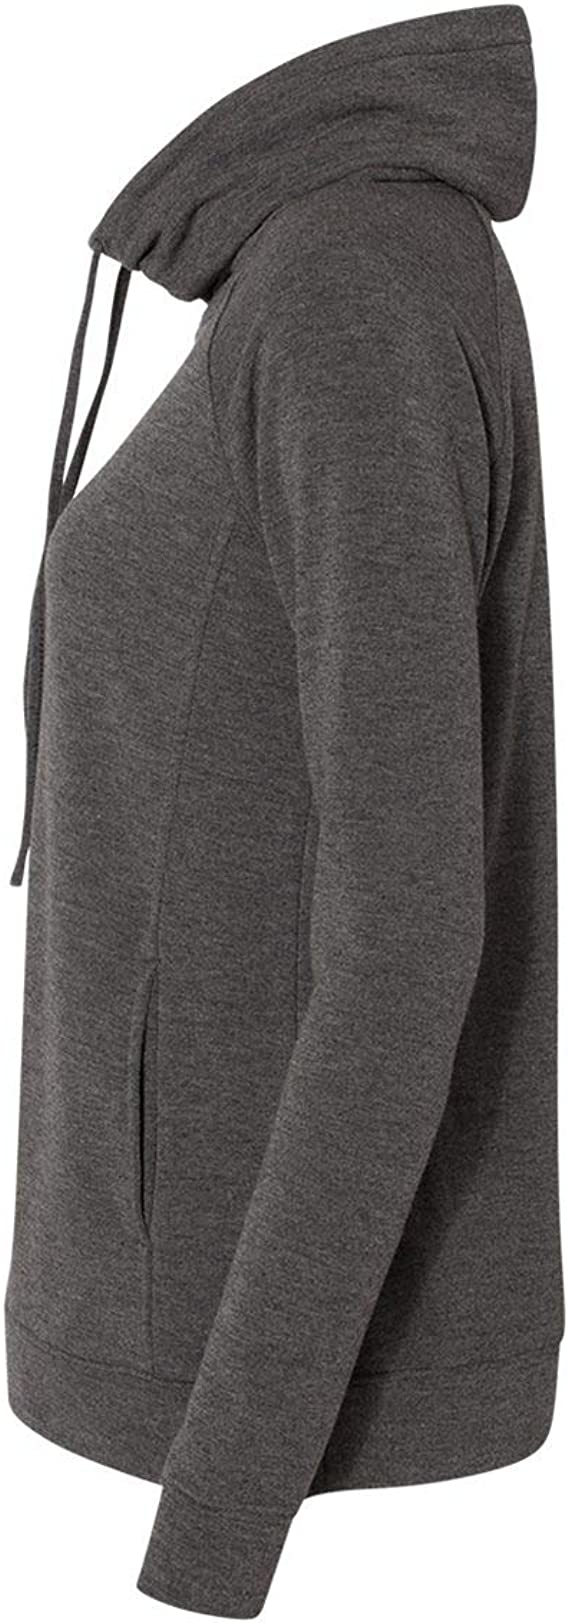 Sweat-Shirts Cardigan Cosplay Cartoon Encapuchonn/é Pull /éPaisse Hiver Chaud Manteau Doubl/éE Polaire H-fragrance Femme Sweat-Shirt /à Manches Longues Capuche Oreilles de Chat Outerwear